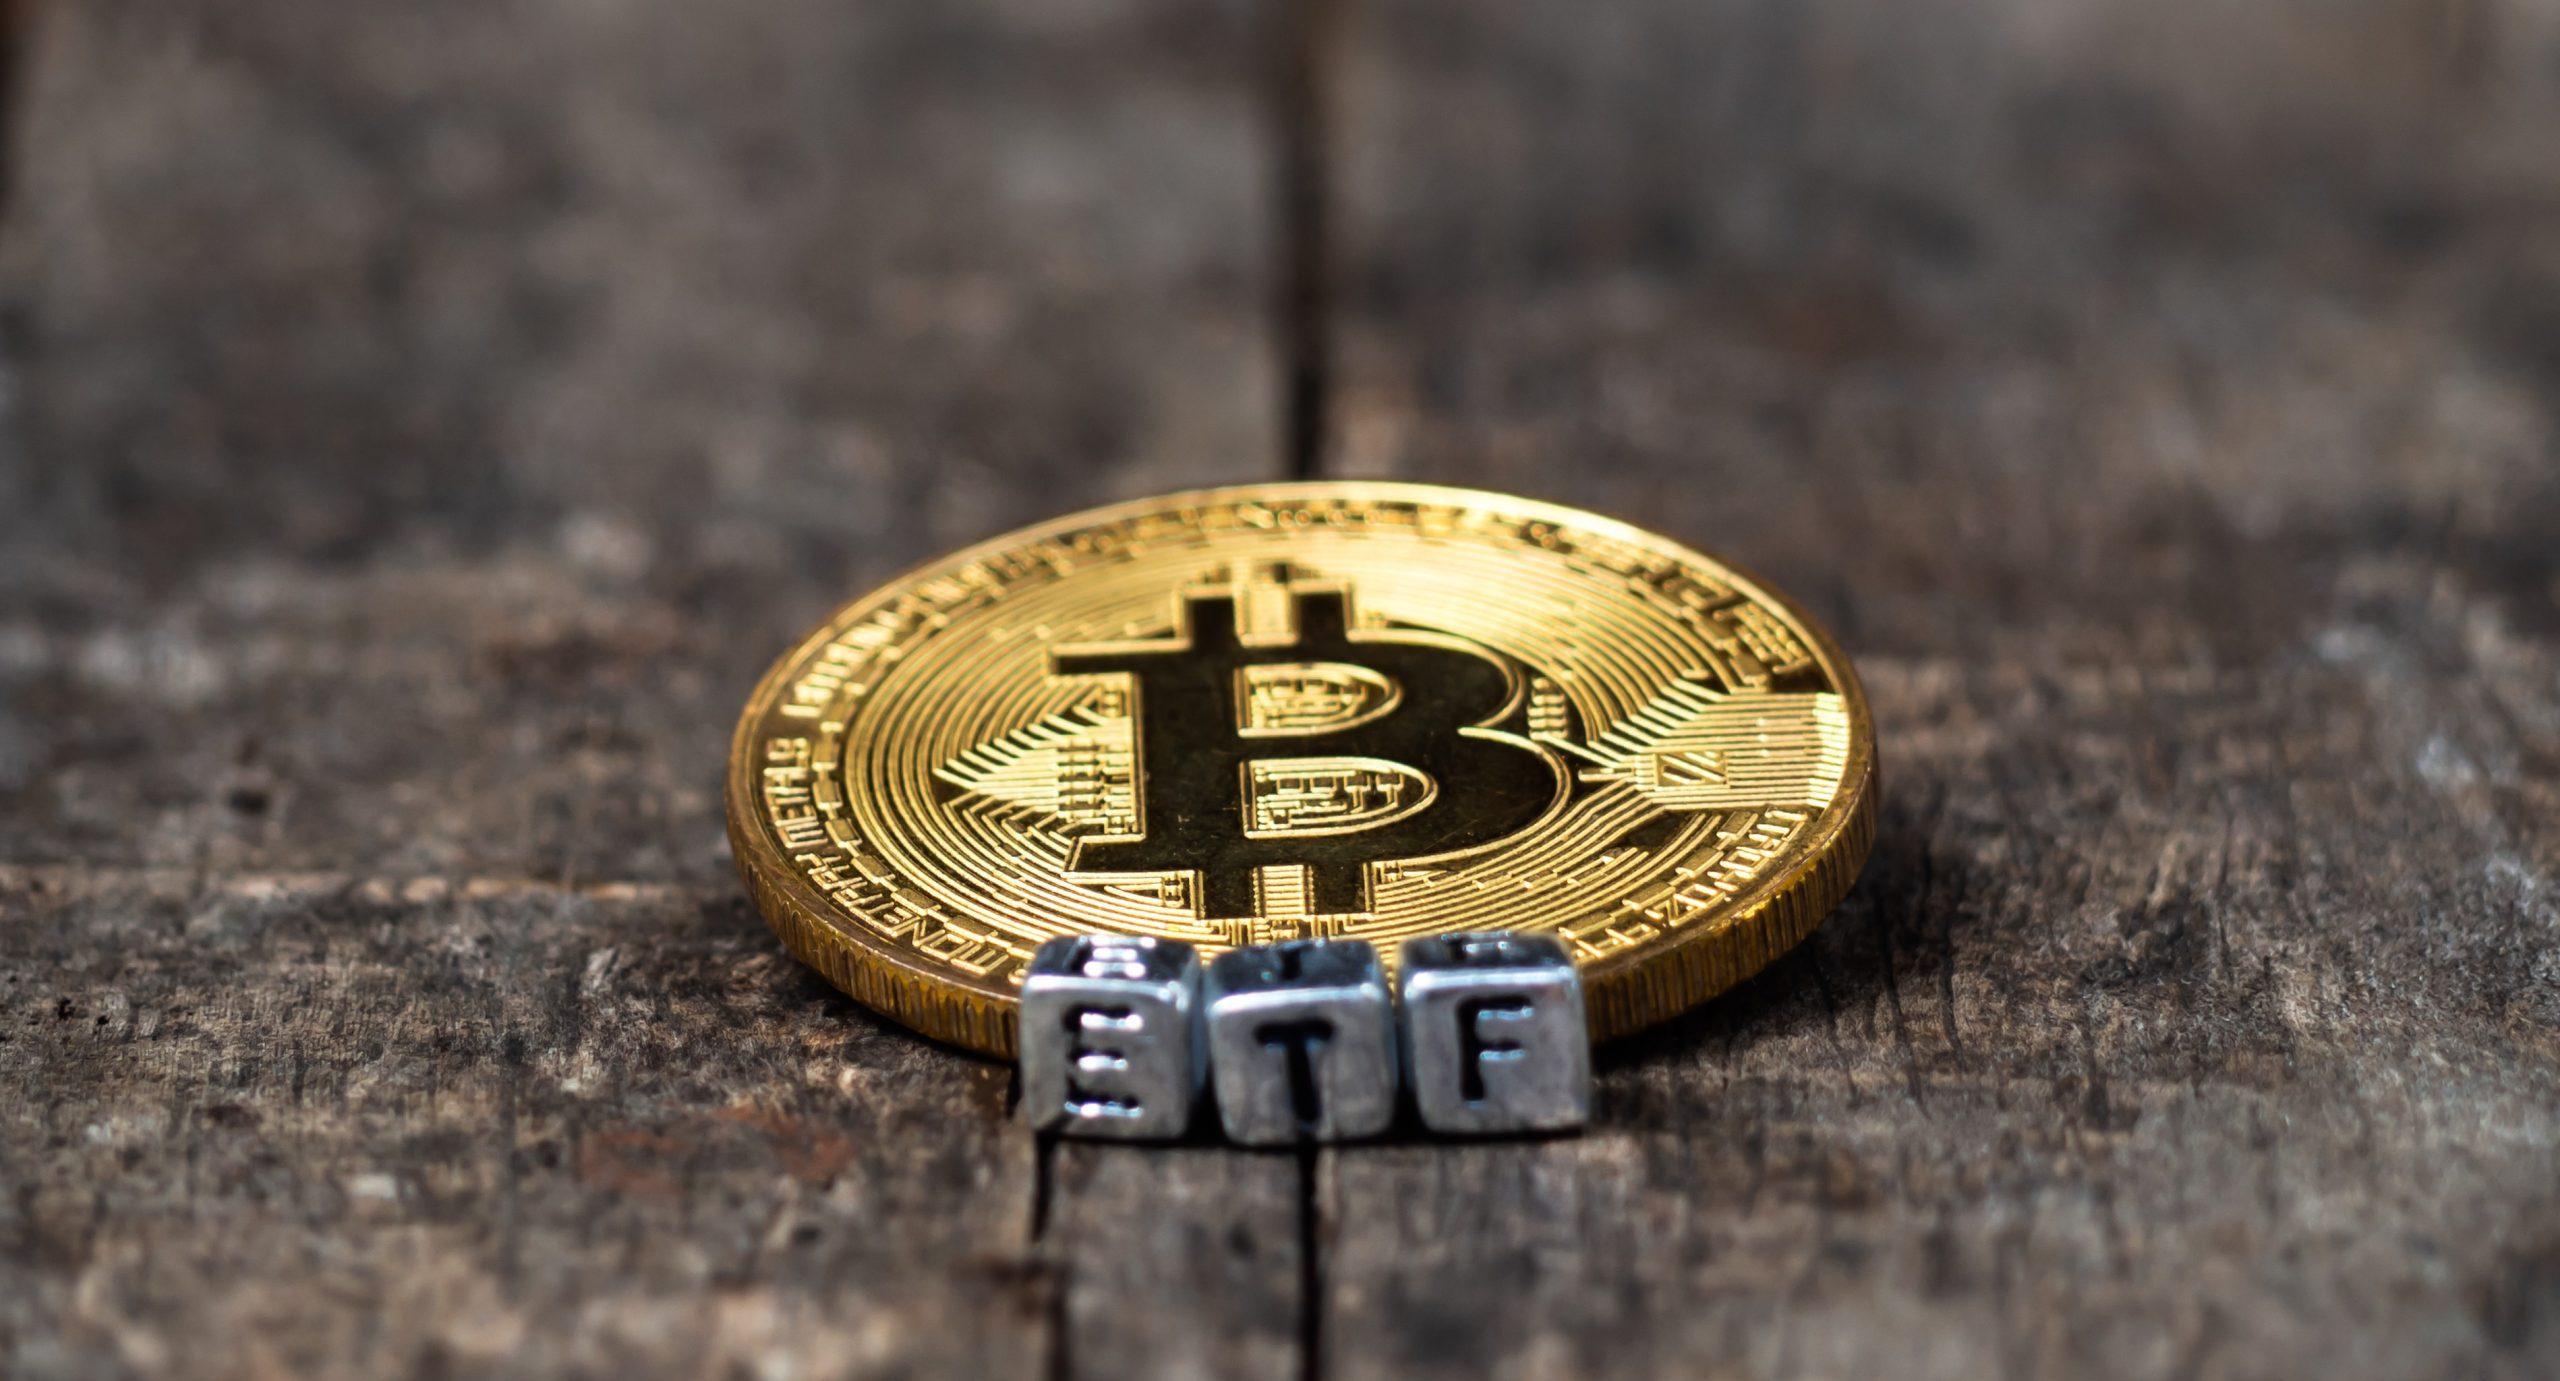 Ein Bitcoin liegt auf einem steinernen Untergrund. Davor sind stehen die Buchstaben E,T,F, als bildliche Verdeutlichung für einen Bitcoin-ETF.